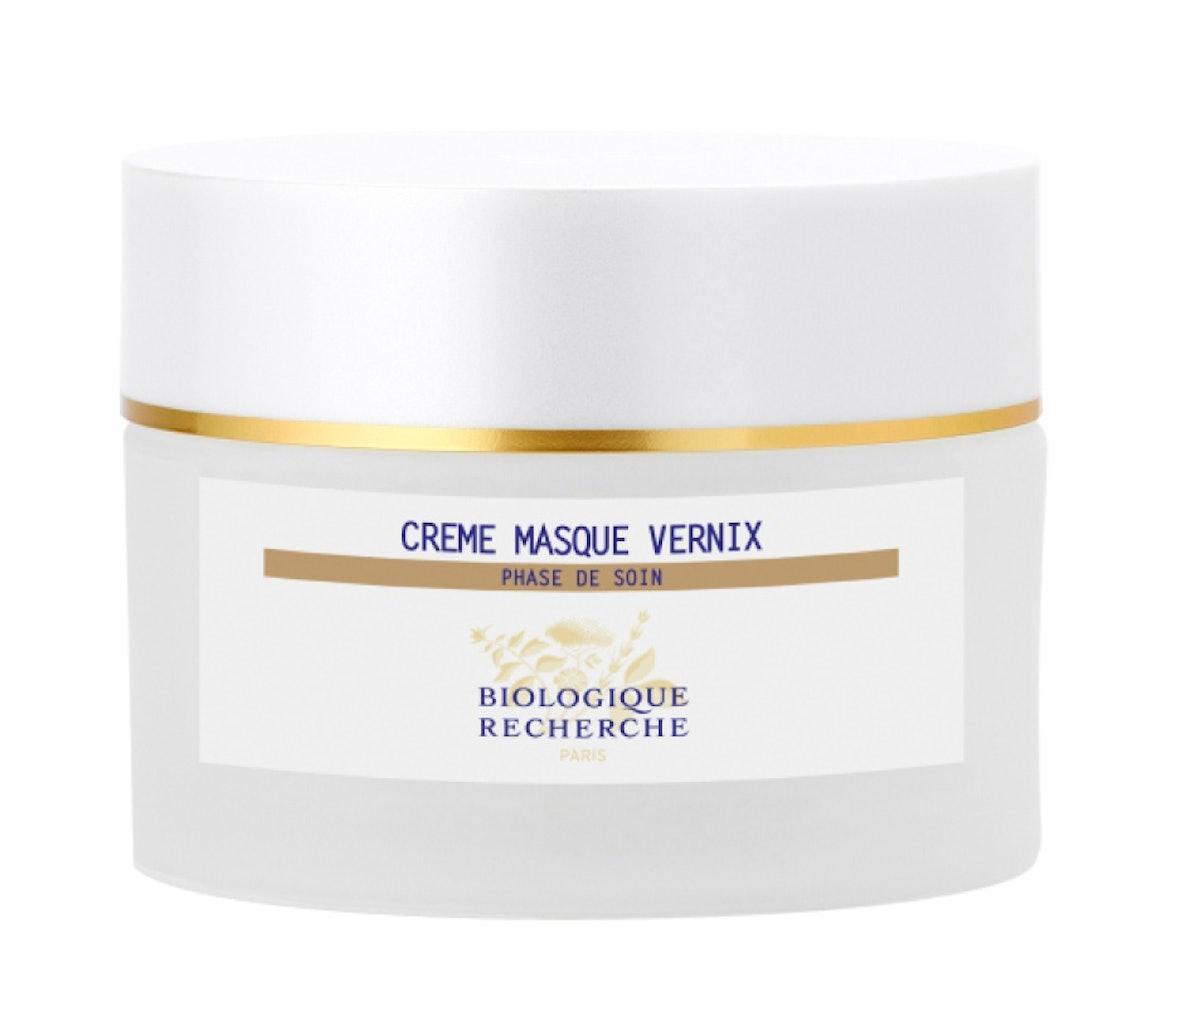 Biologique Recherche Crème Masque Vernix